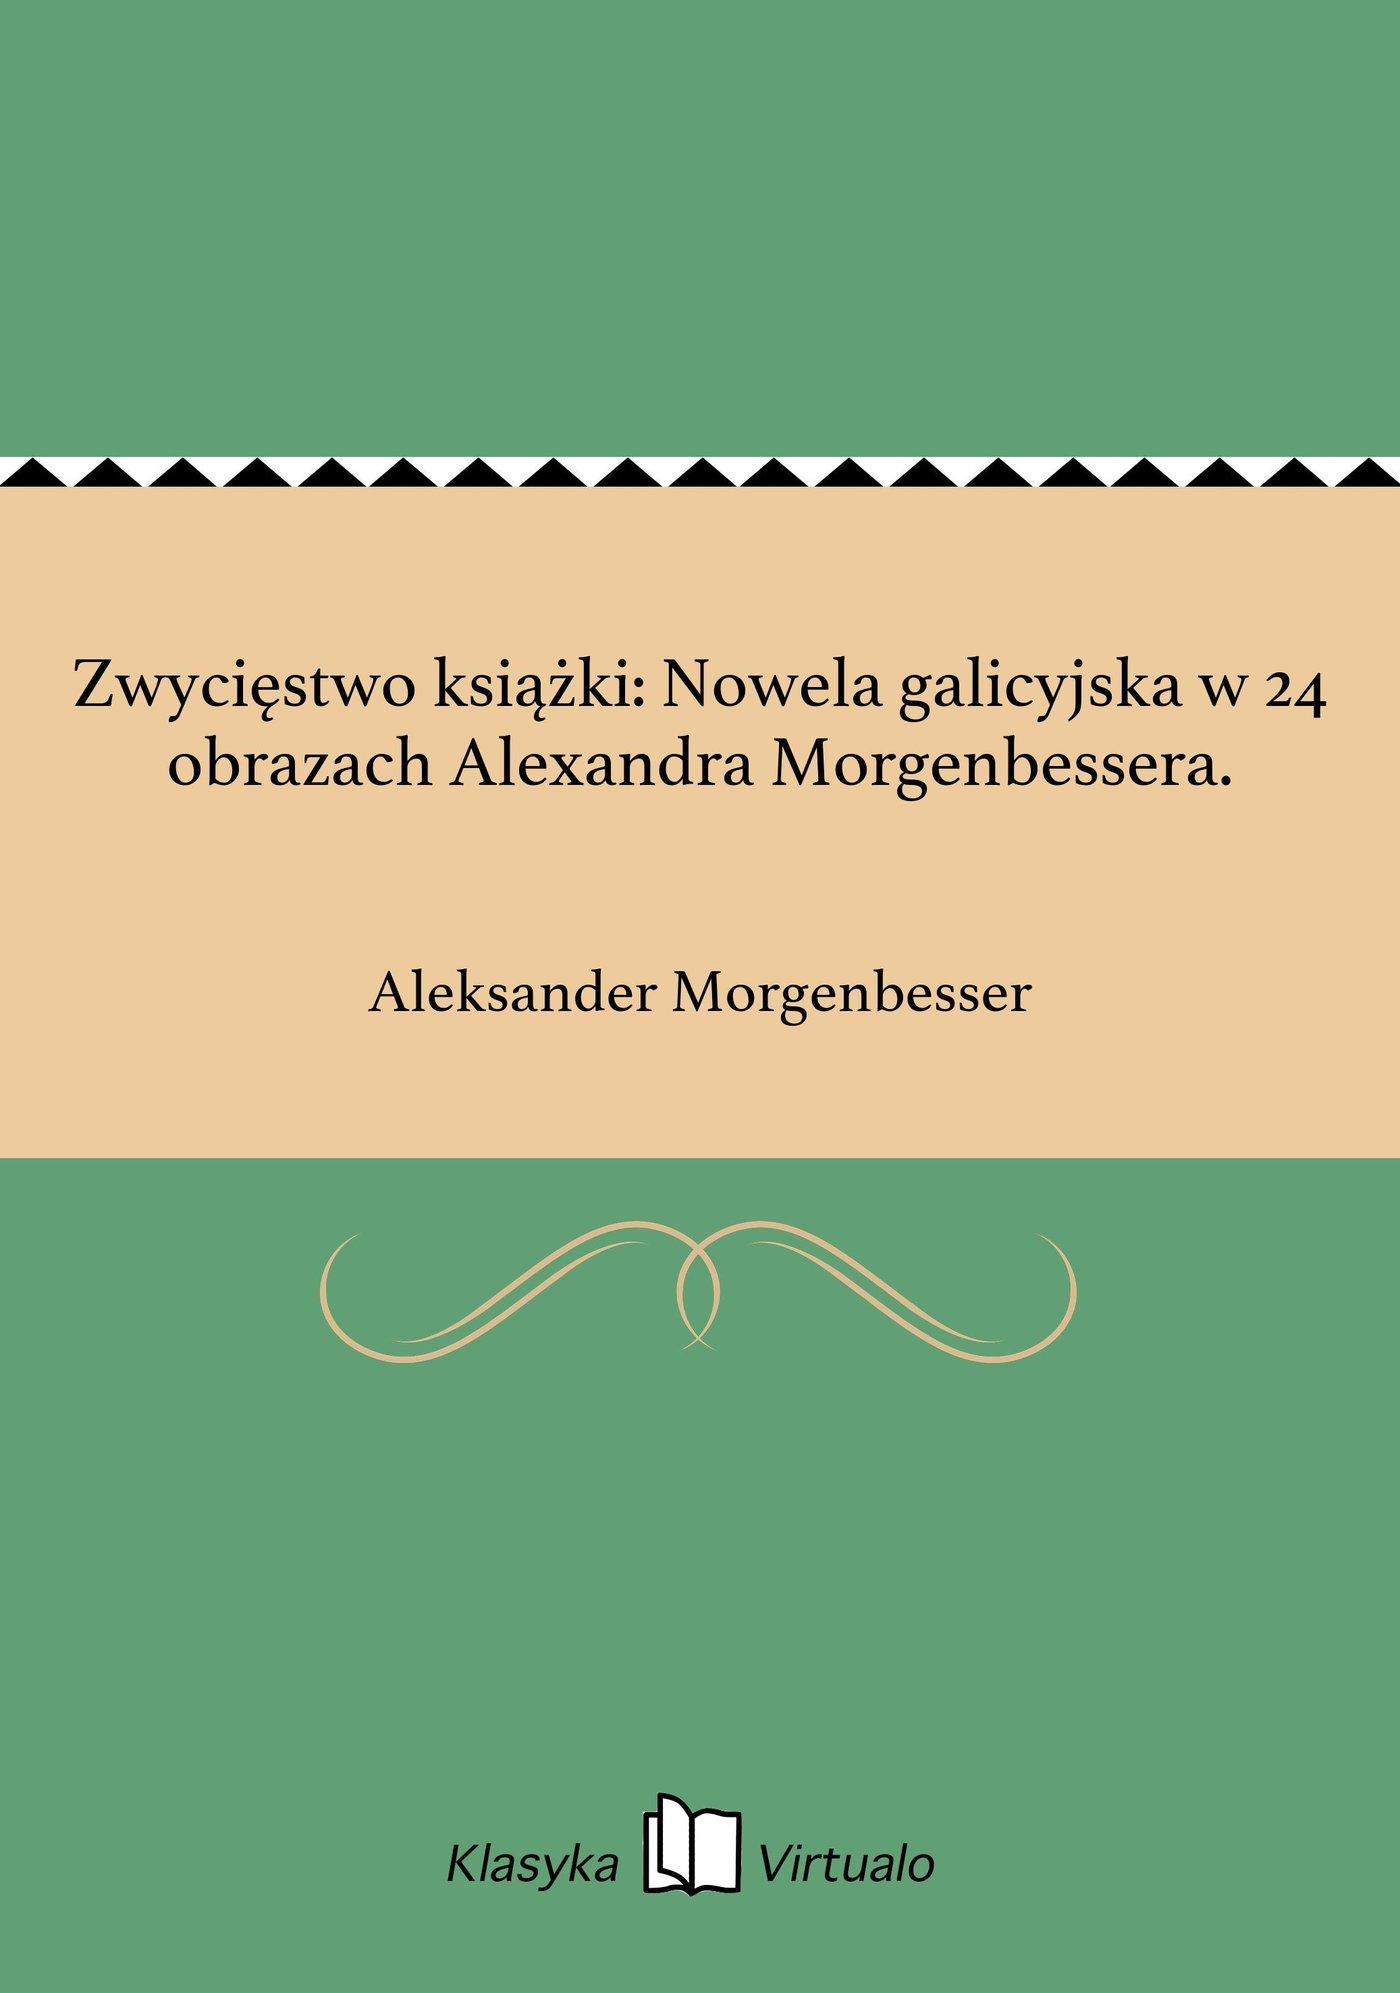 Zwycięstwo książki: Nowela galicyjska w 24 obrazach Alexandra Morgenbessera. - Ebook (Książka EPUB) do pobrania w formacie EPUB